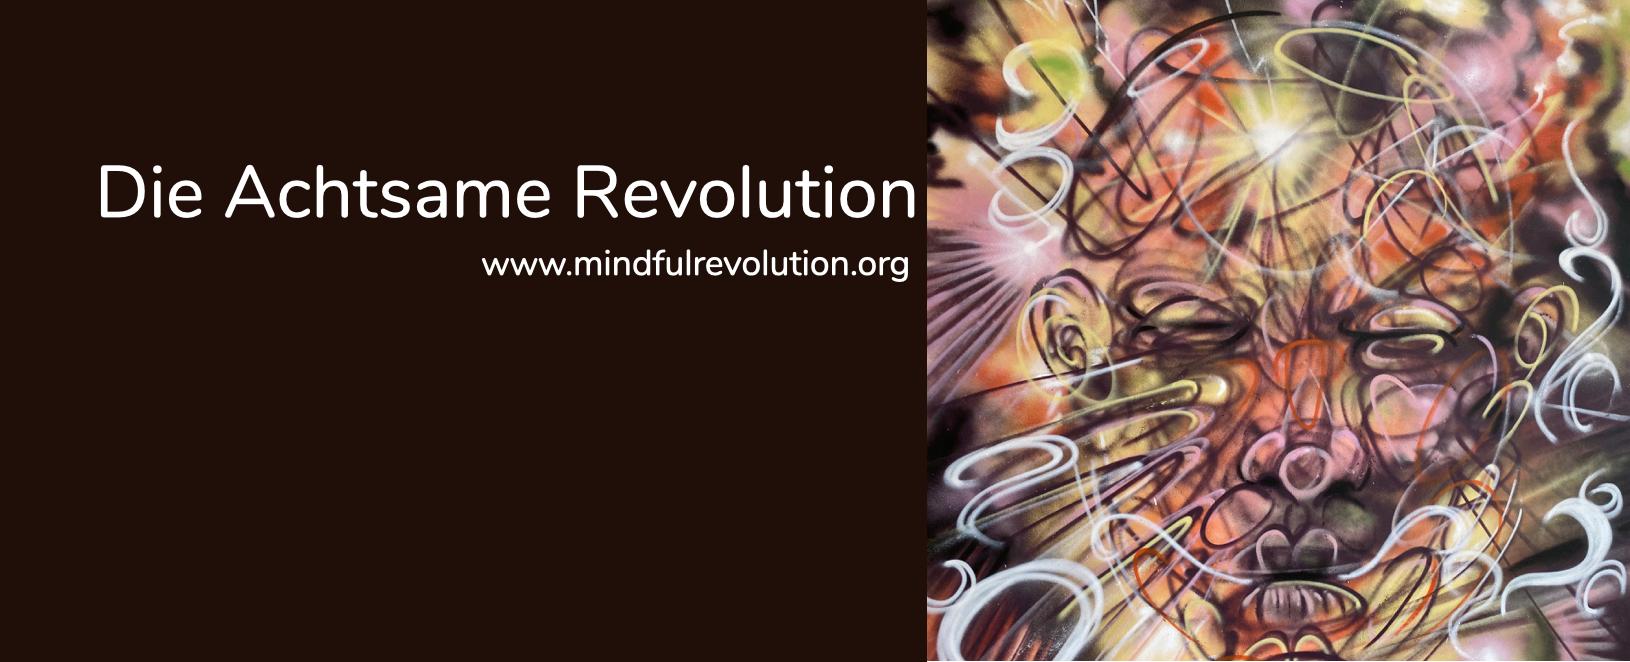 Wege zur Achtsamen Revolution – REWIRE Upgrade als praktischer Ratgeber für den Alltagseinsatz